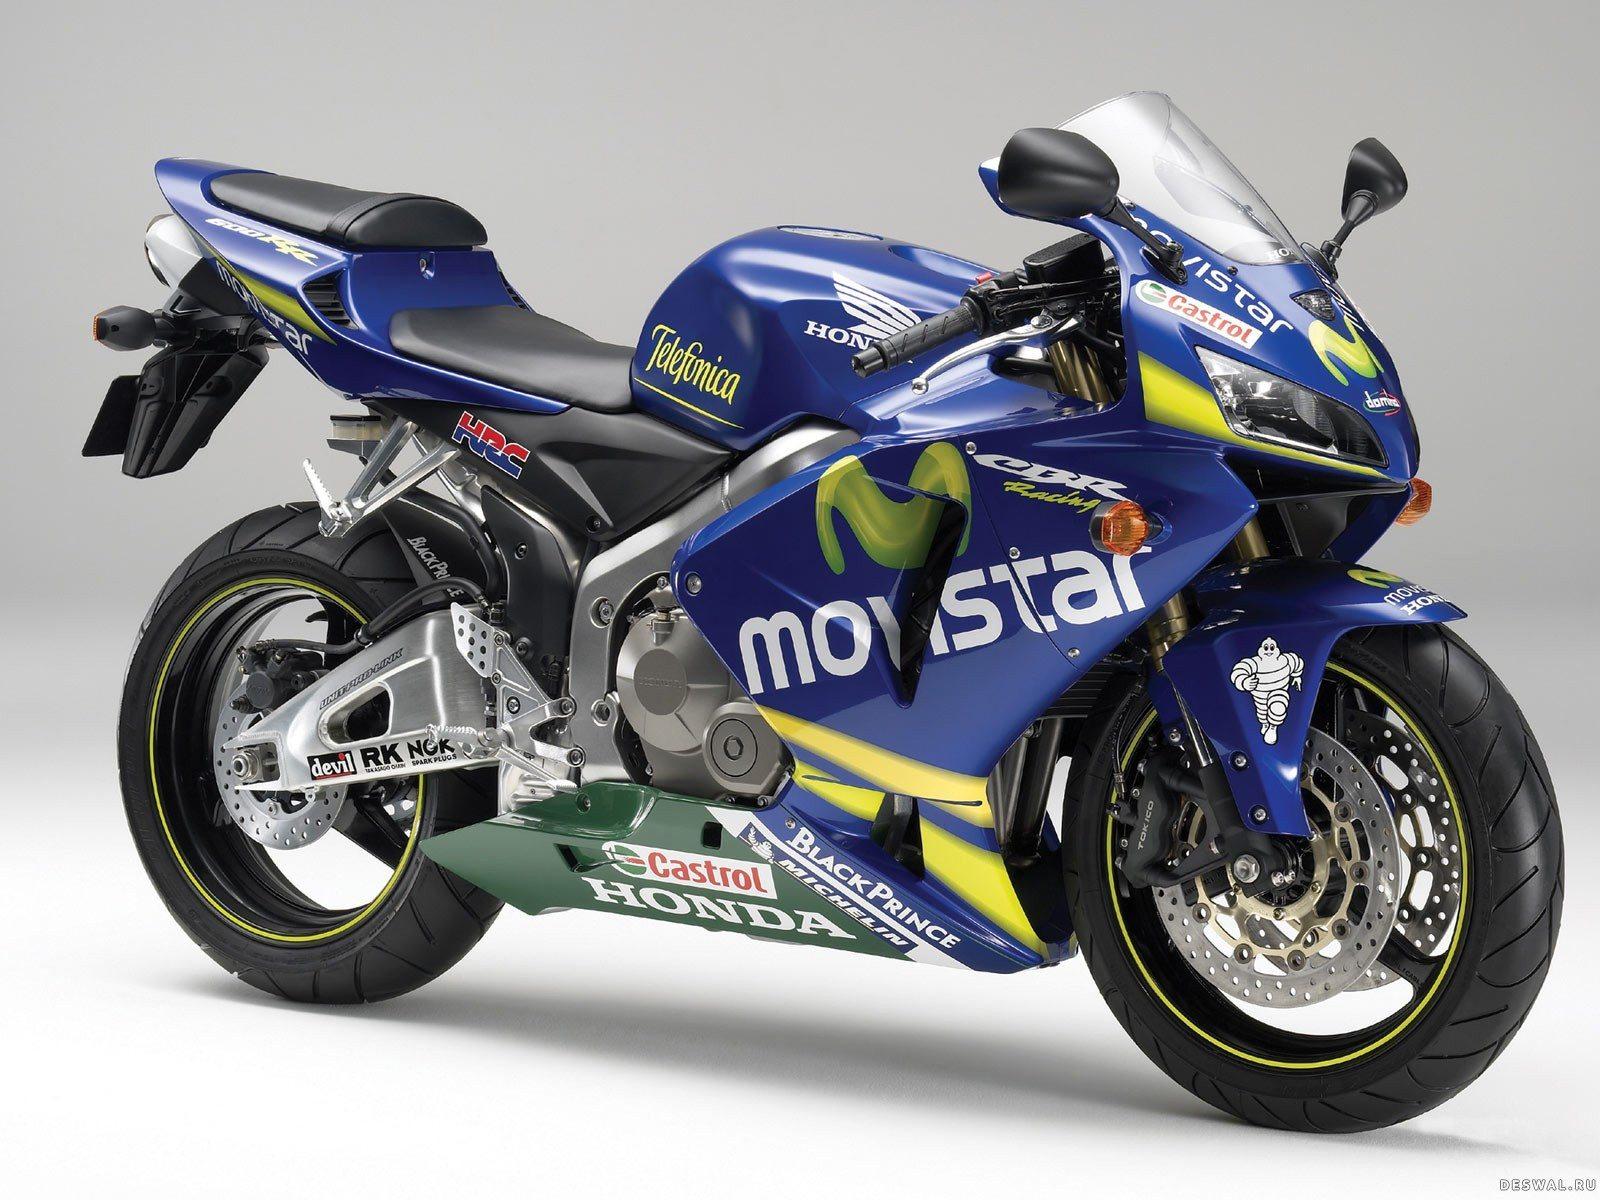 Хонда на бесплатной картинке.. Нажмите на картинку с обоями мотоцикла honda, чтобы просмотреть ее в реальном размере